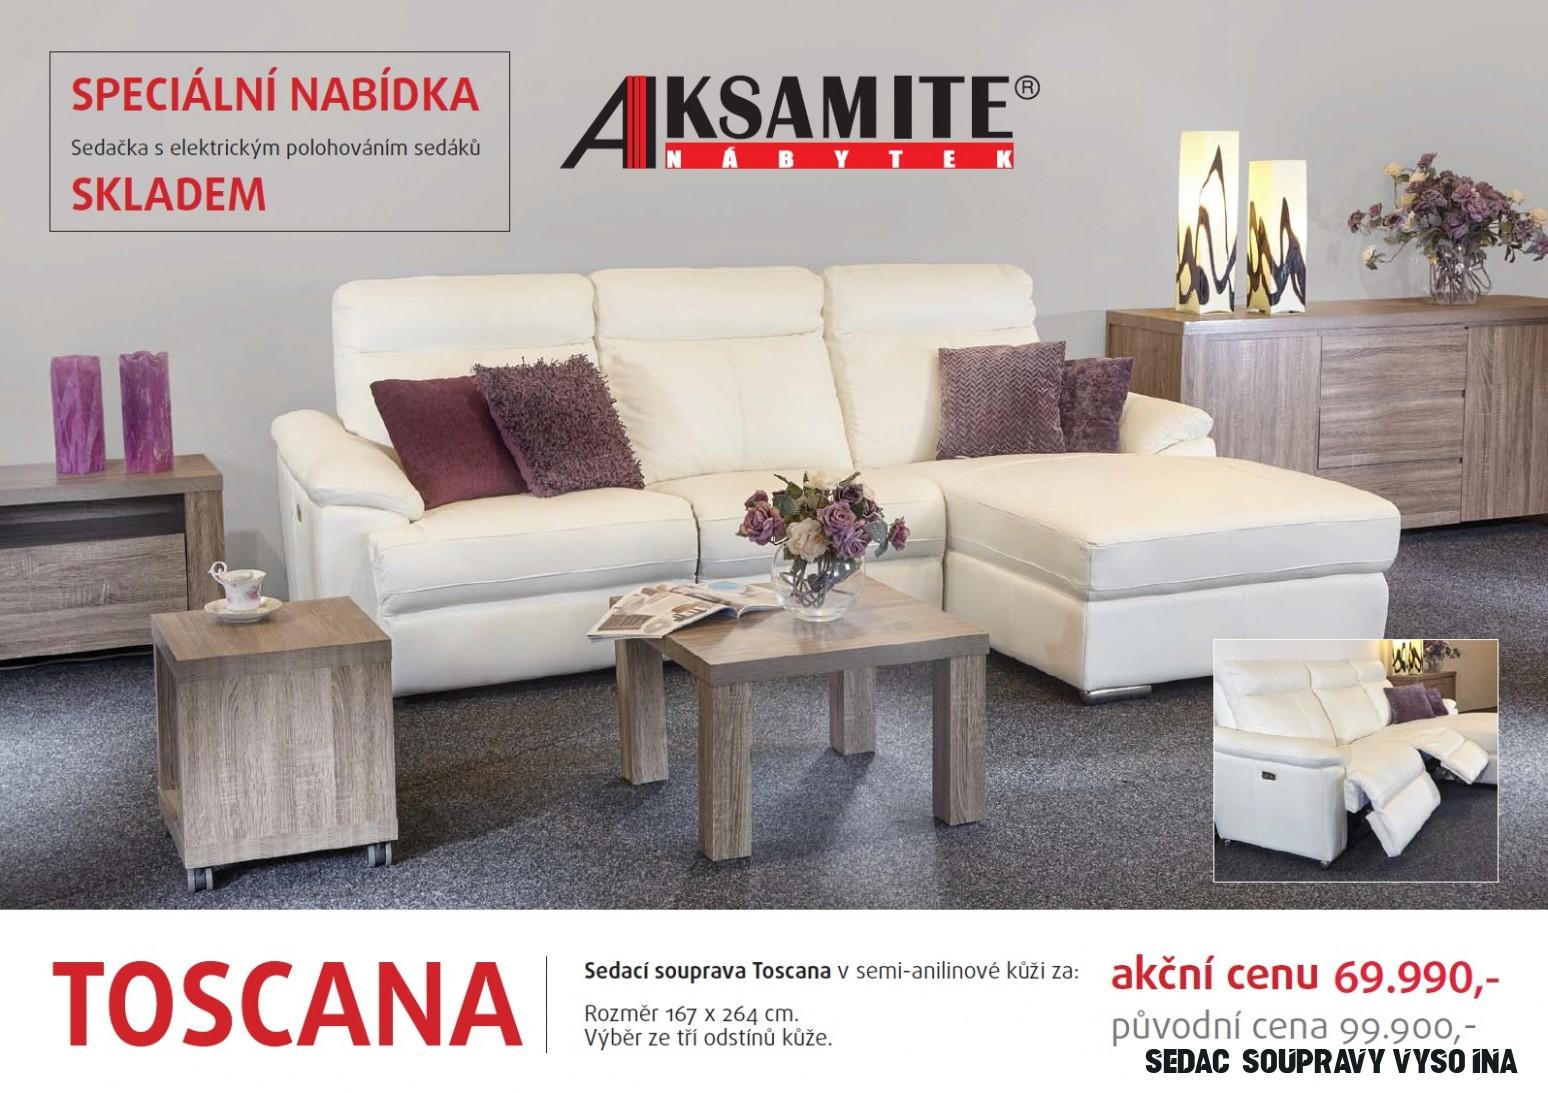 Prosincová akční nabídka - sedací souprava TOSCANA - Aksamite